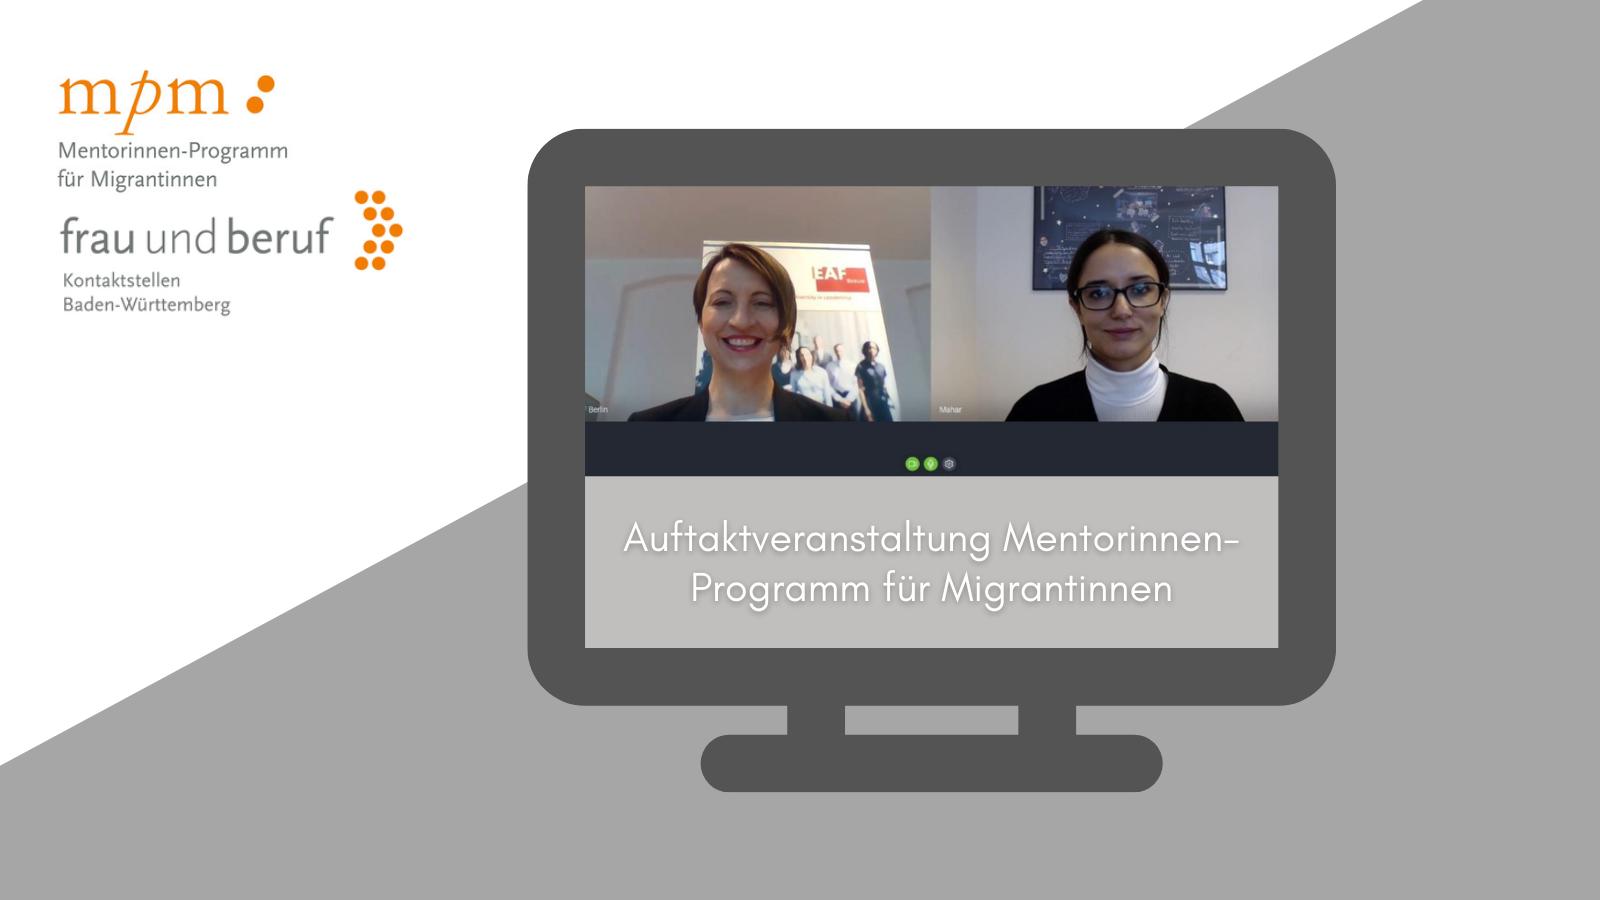 Bildschirm mit zwei Frauen in einem virtuellen Meeting. Text: Auftaktveranstaltung Mentorinnen-Programm für Migrantinnen